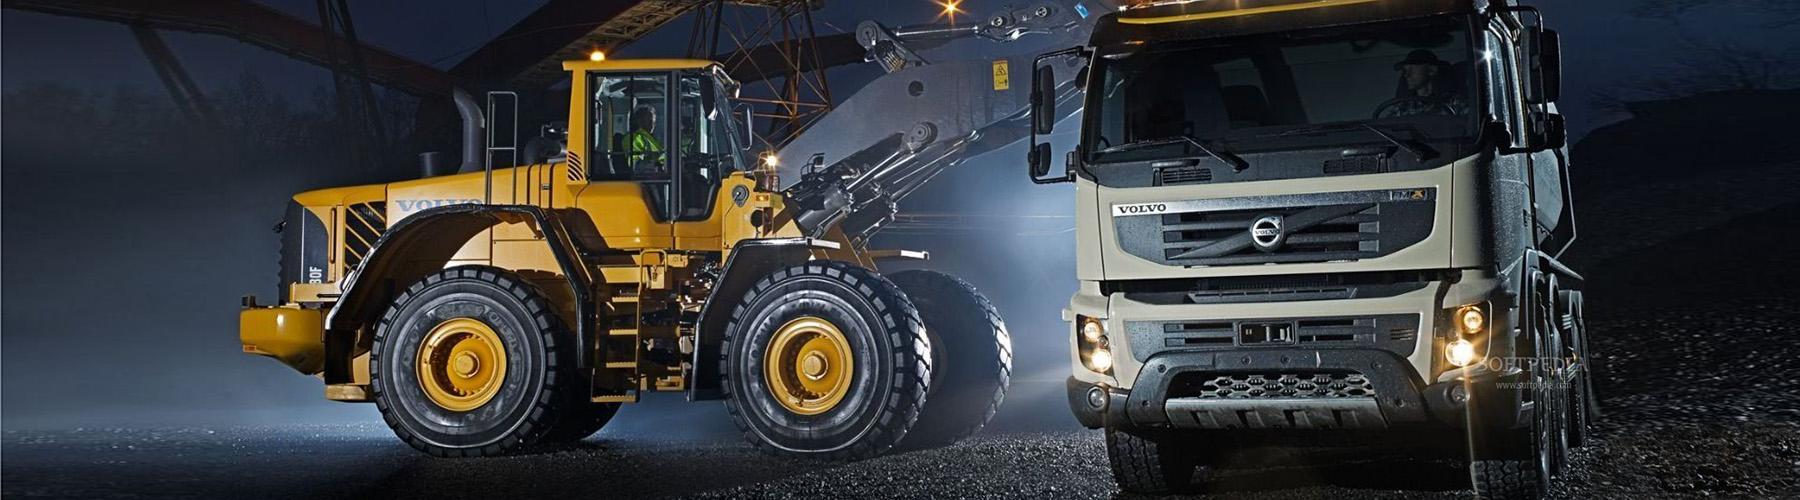 Startmotorer och generatorer till truckar, lastfordon och entreprenadmaskiner